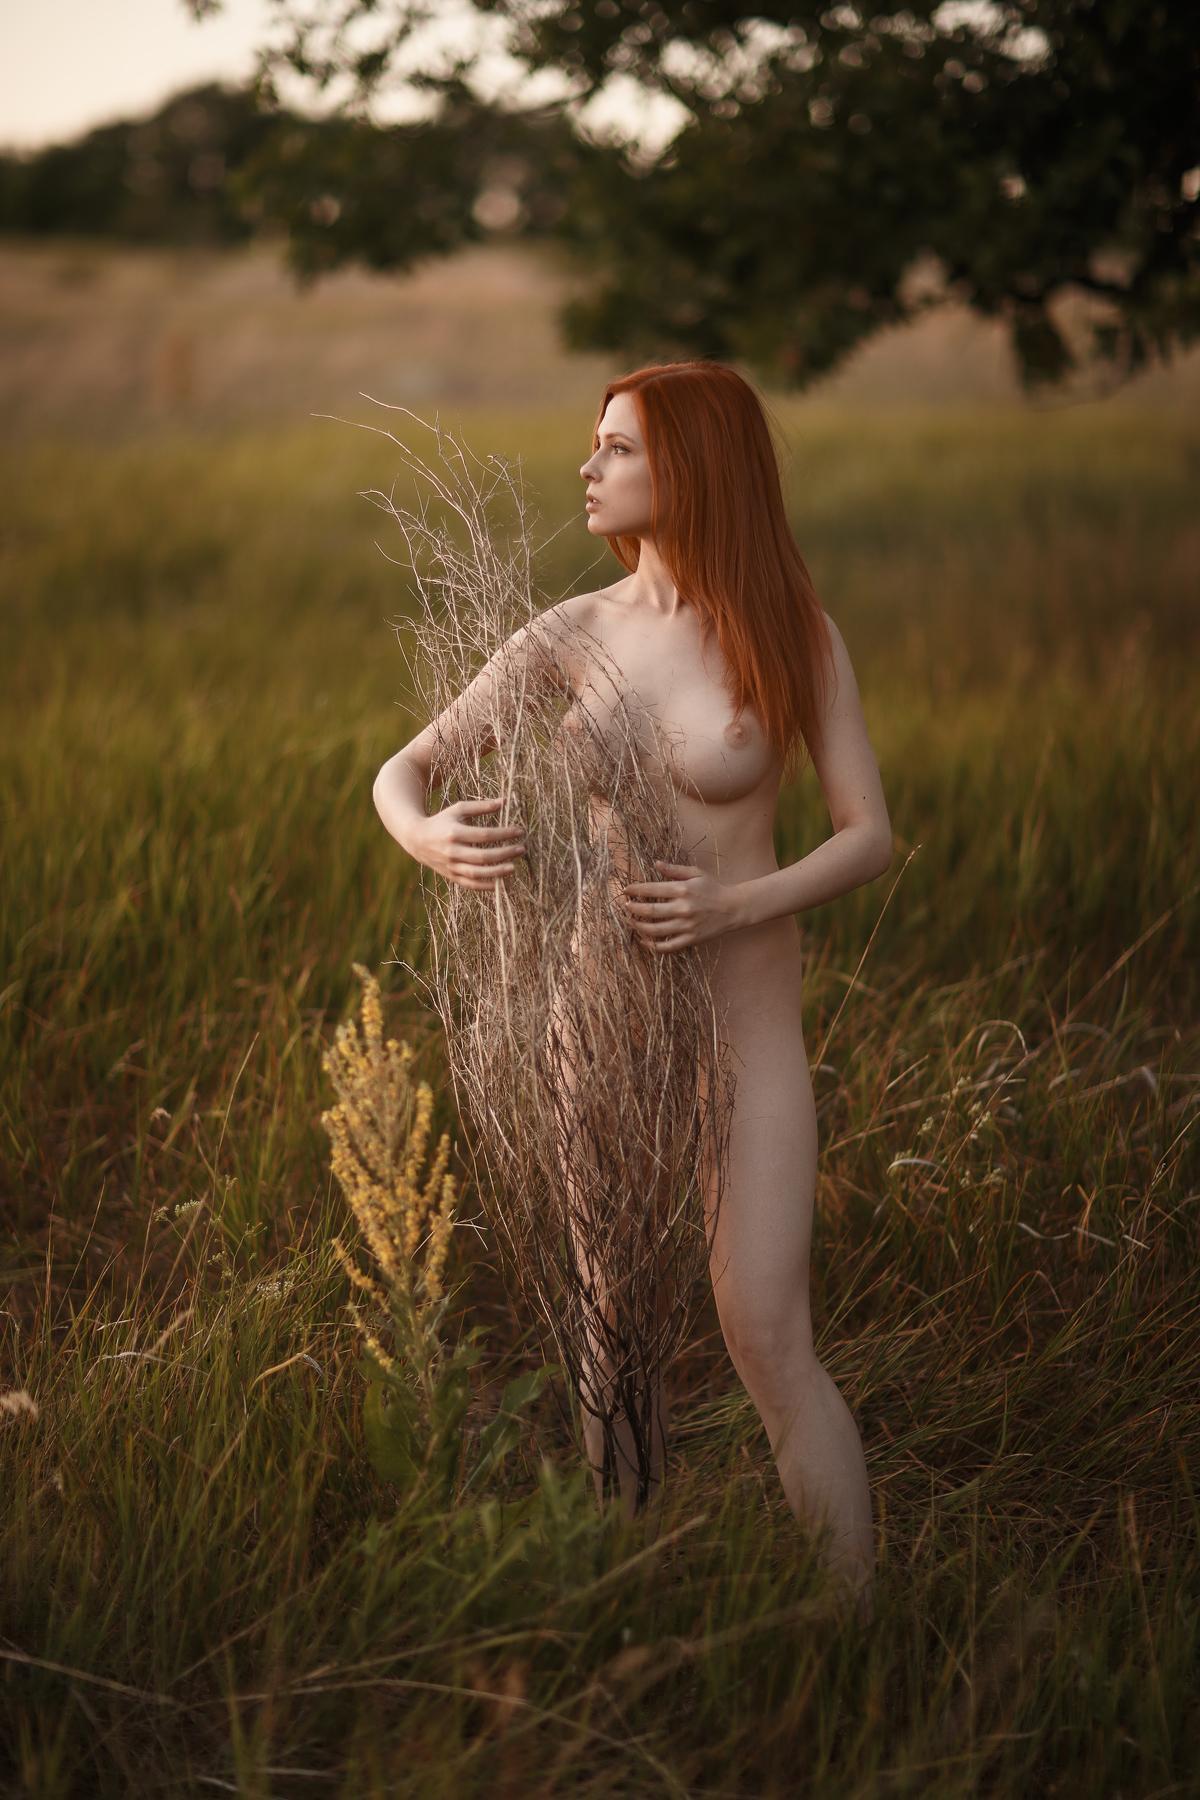 В поле без одежды / фотограф Сергей Сорокин